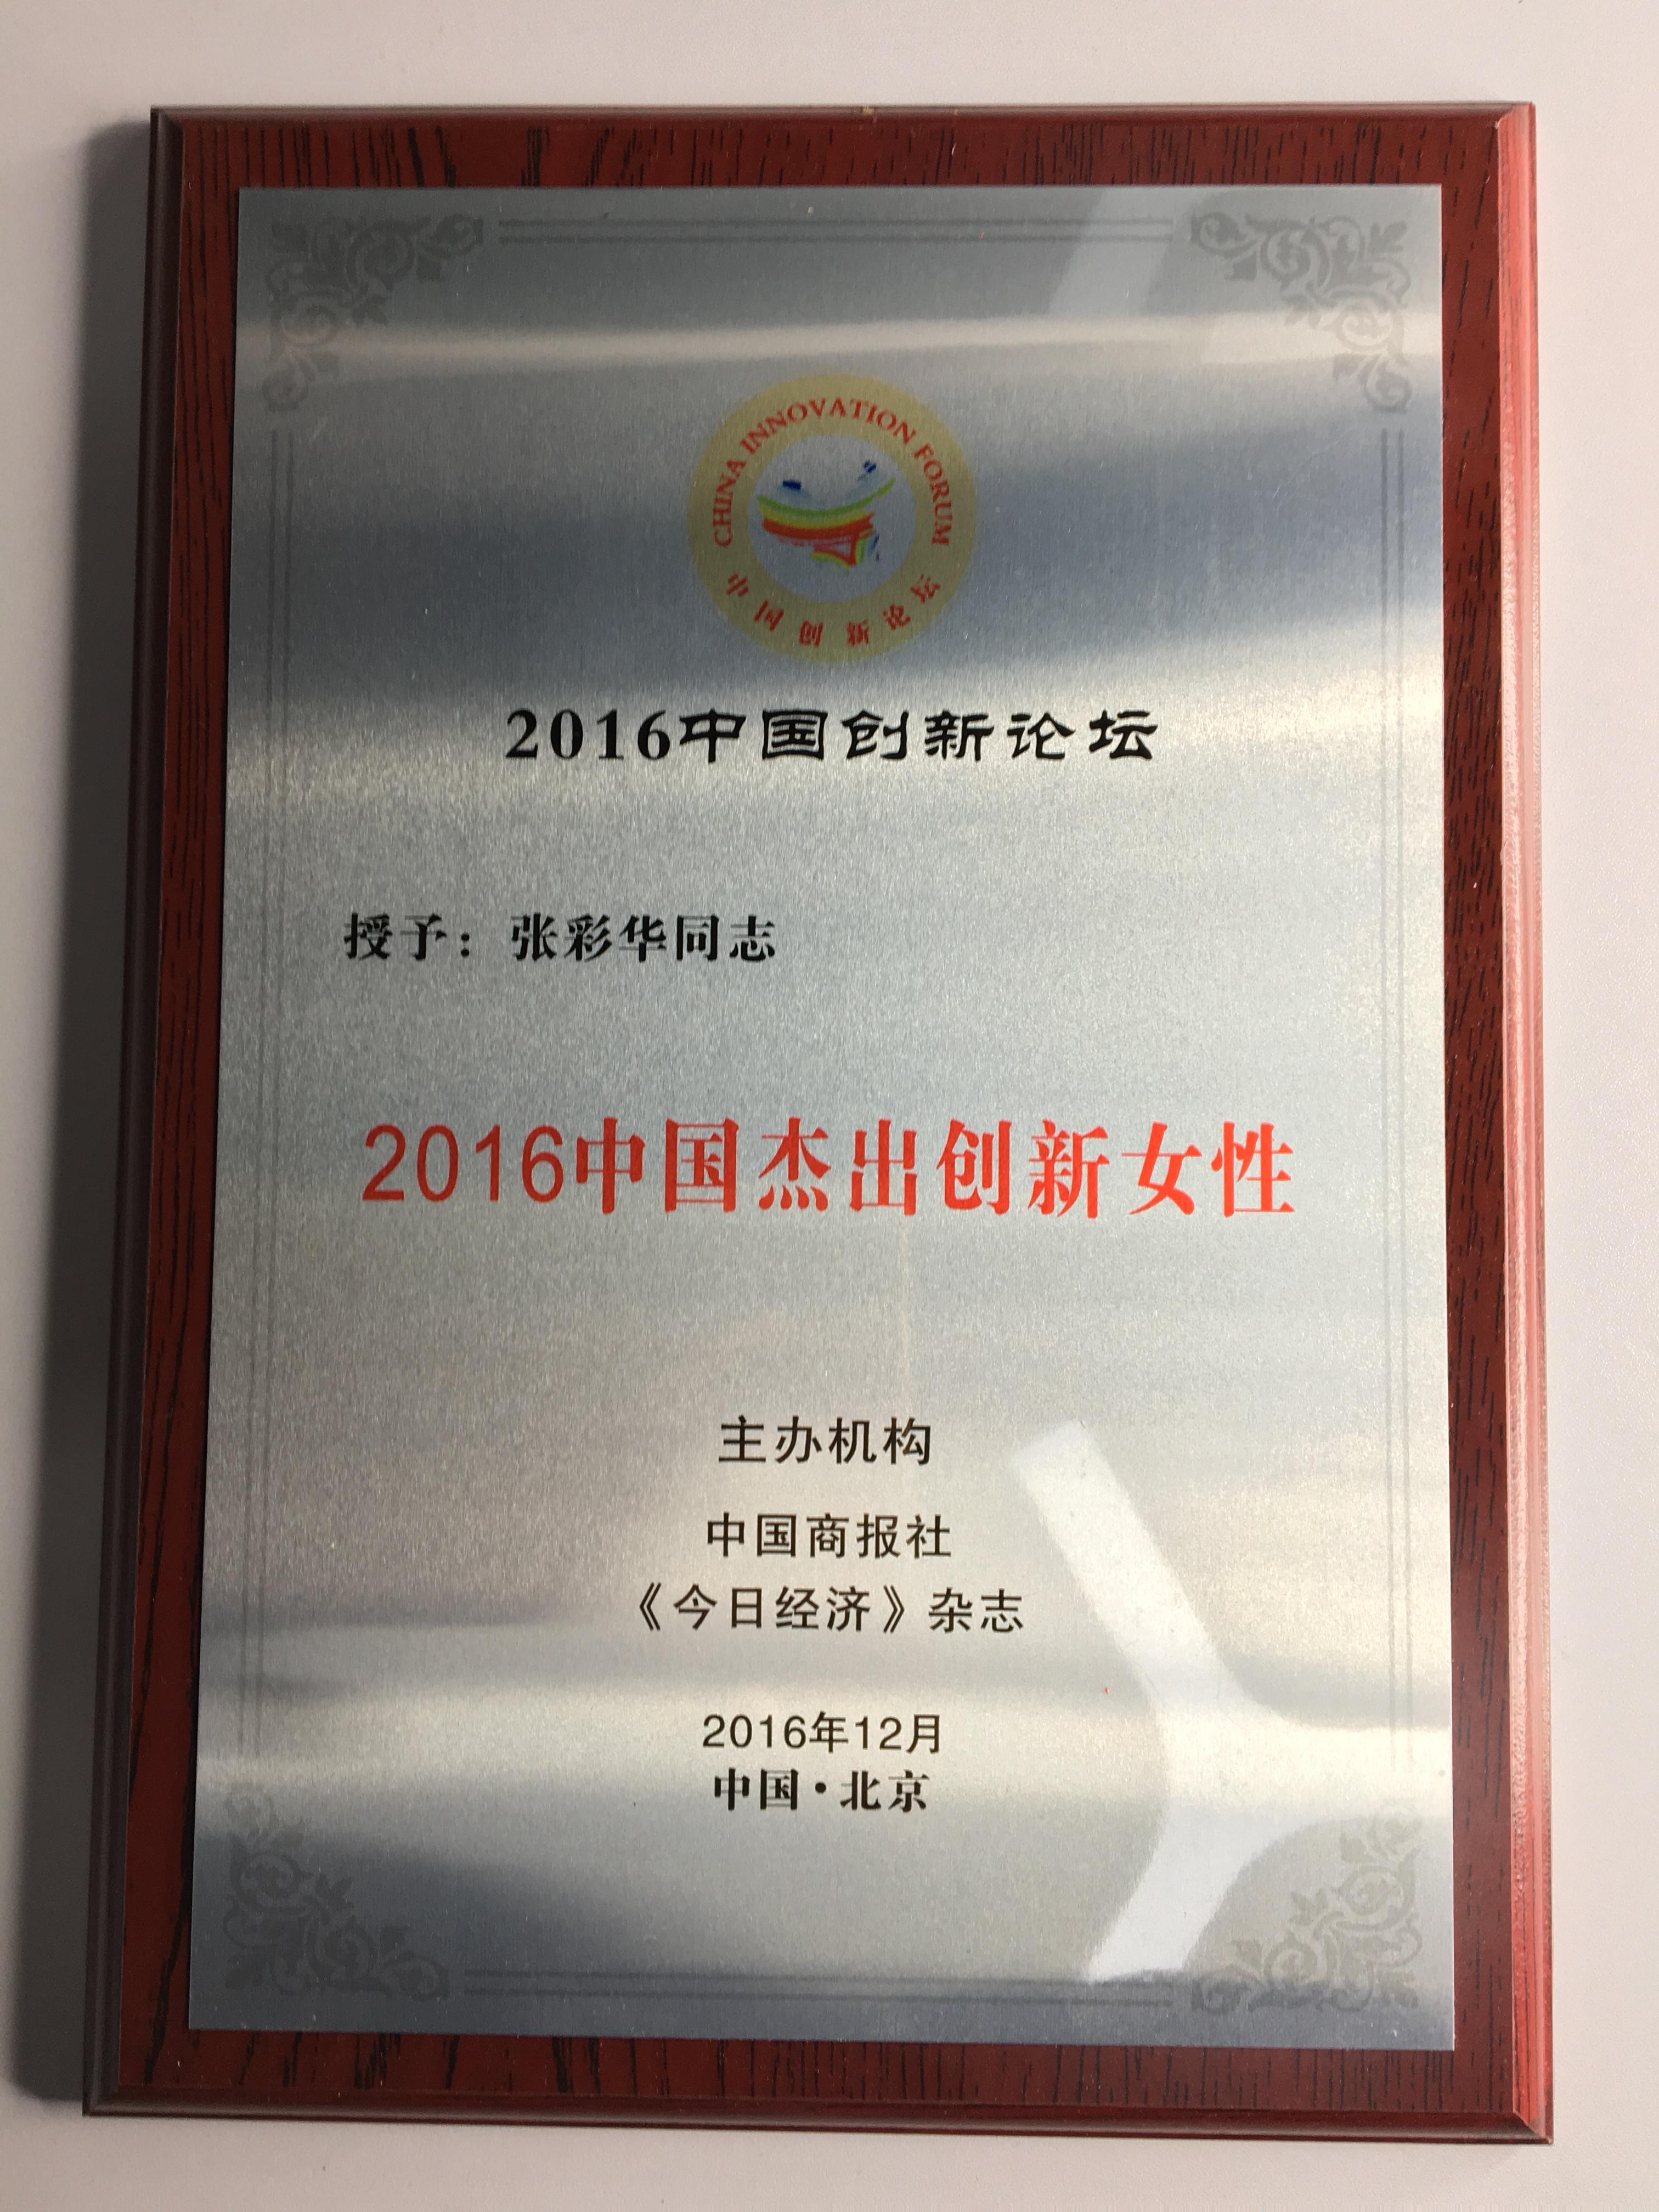 2016张彩华获中国杰出创新女性奖 (2)